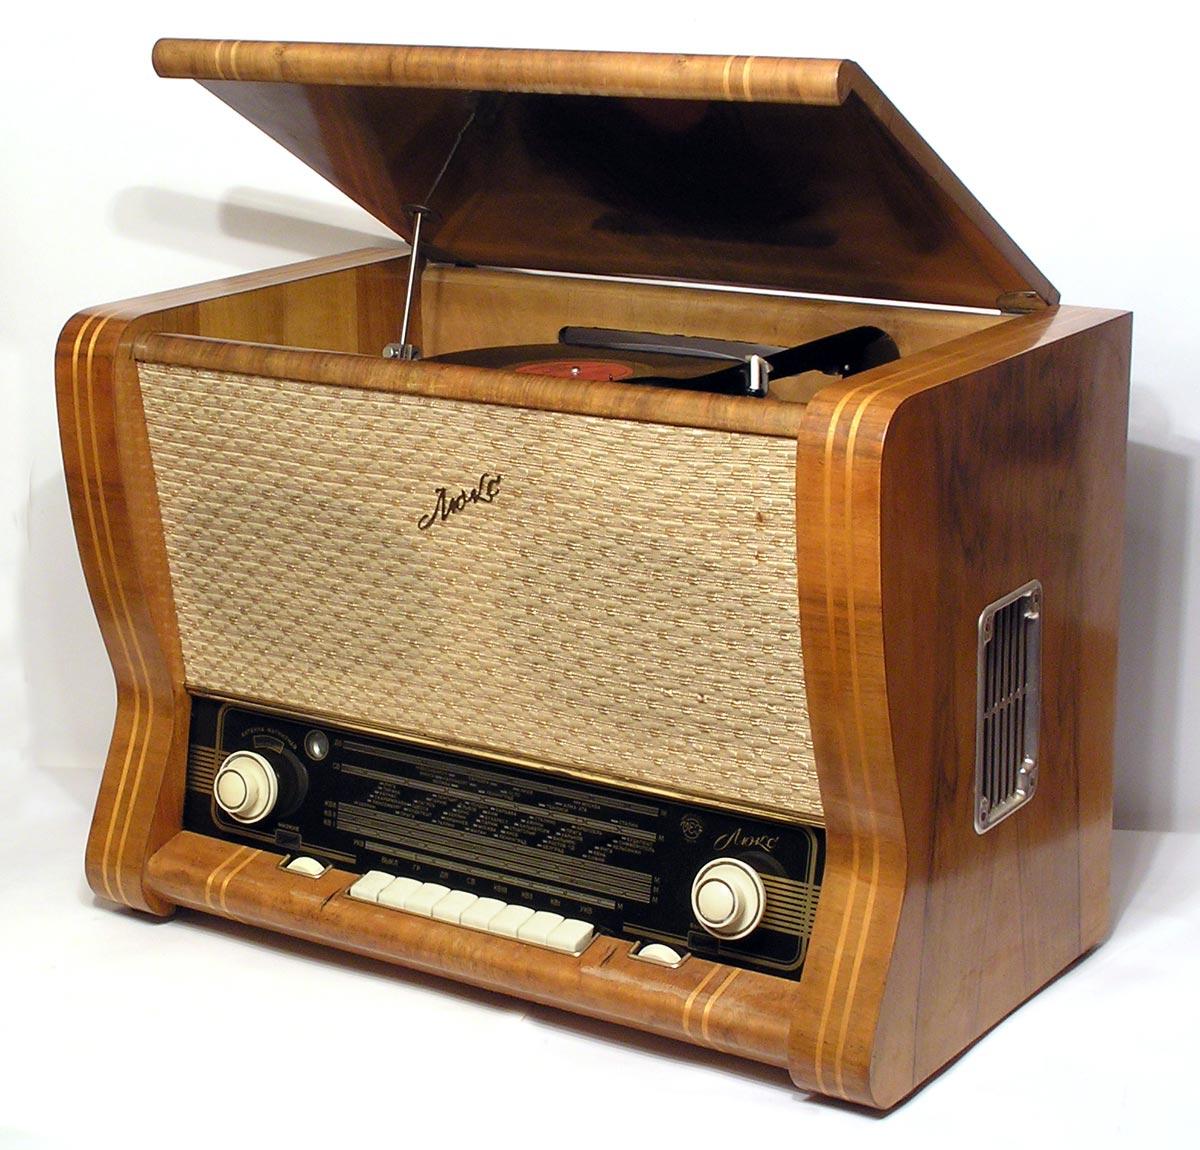 Вспомним забытые сегодня любимые мелодии...